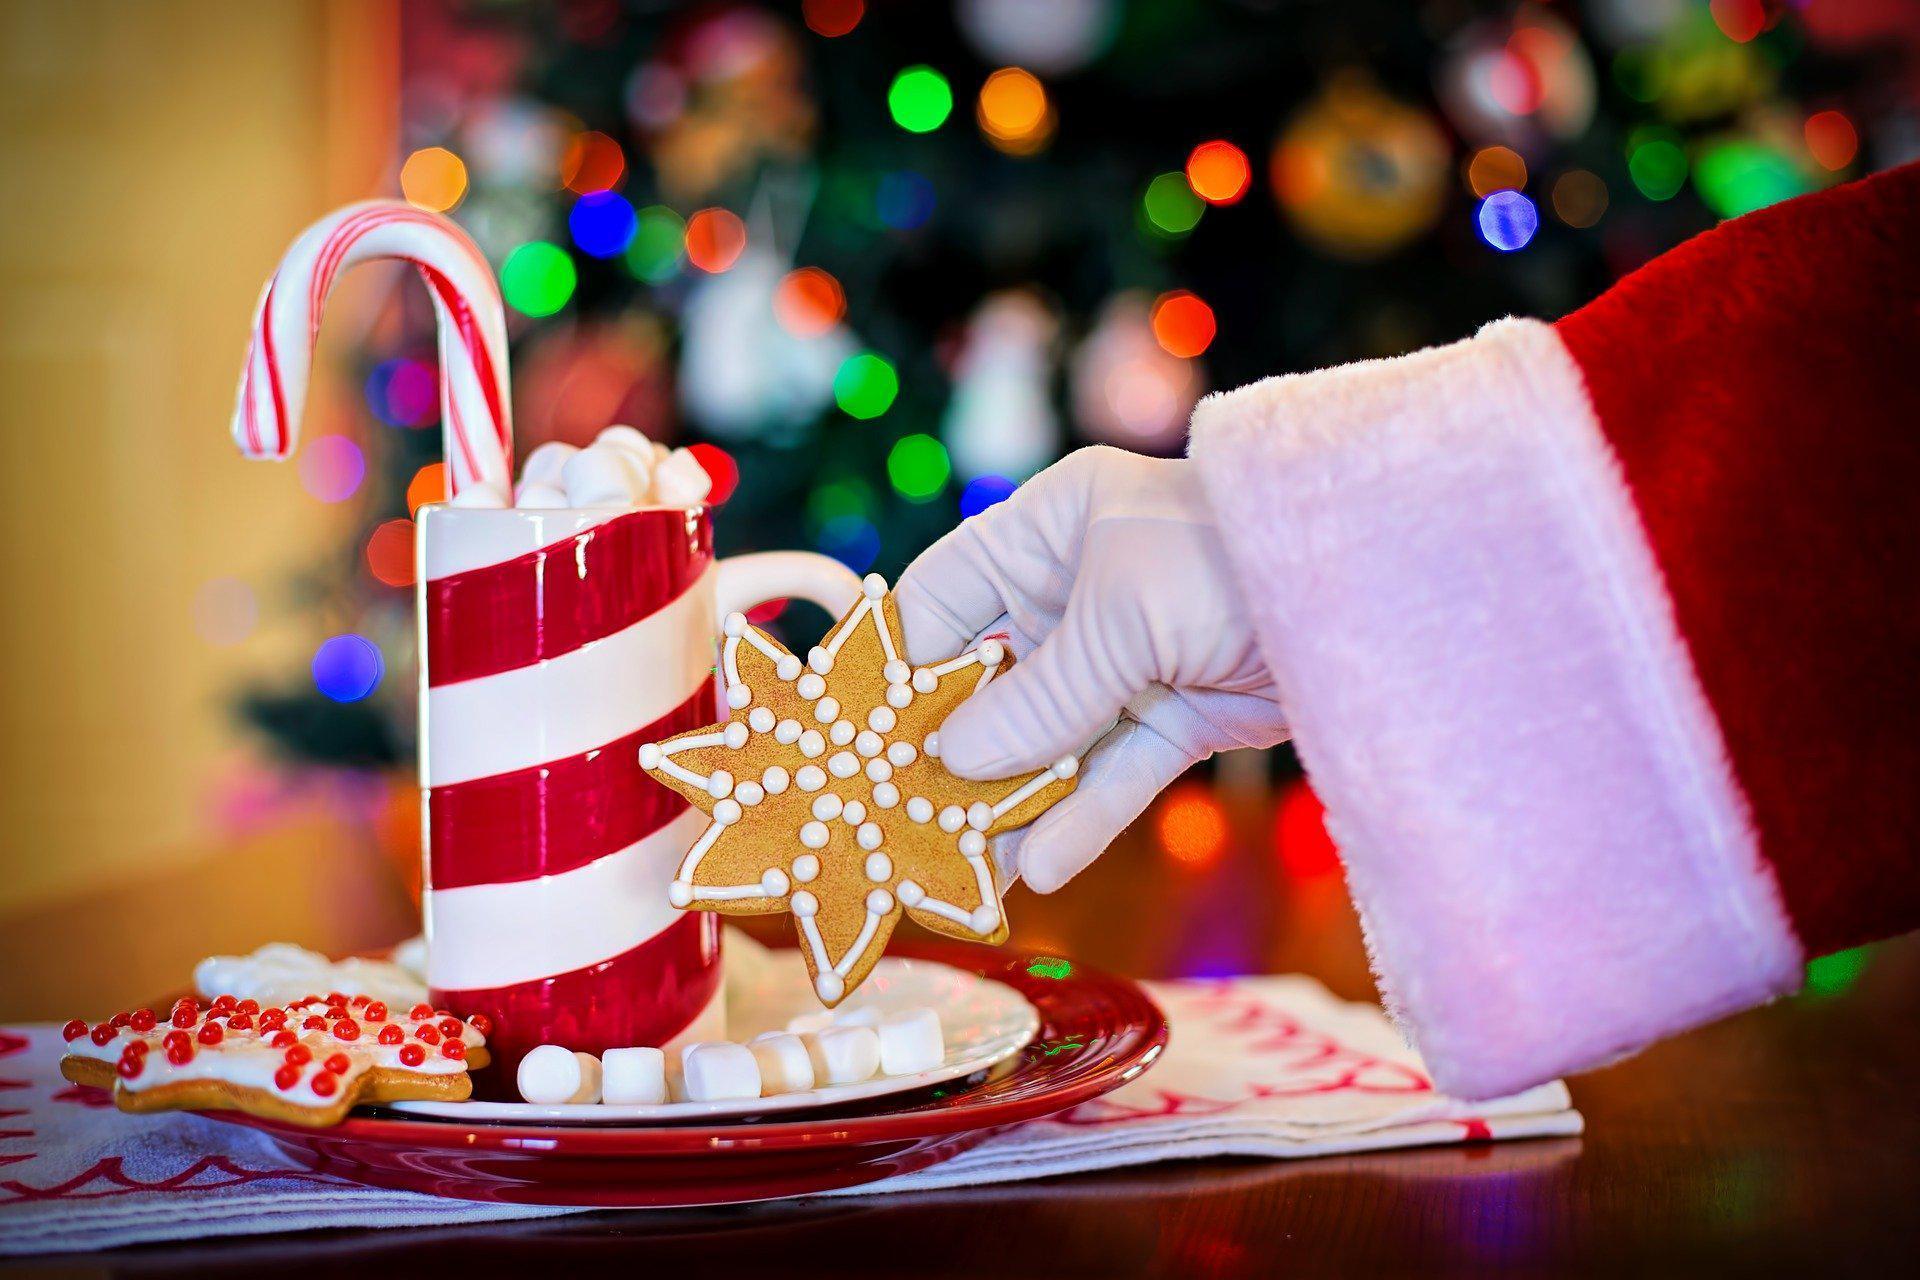 Zdrowych , spokojnych Świąt Bożego Narodzenia !!!